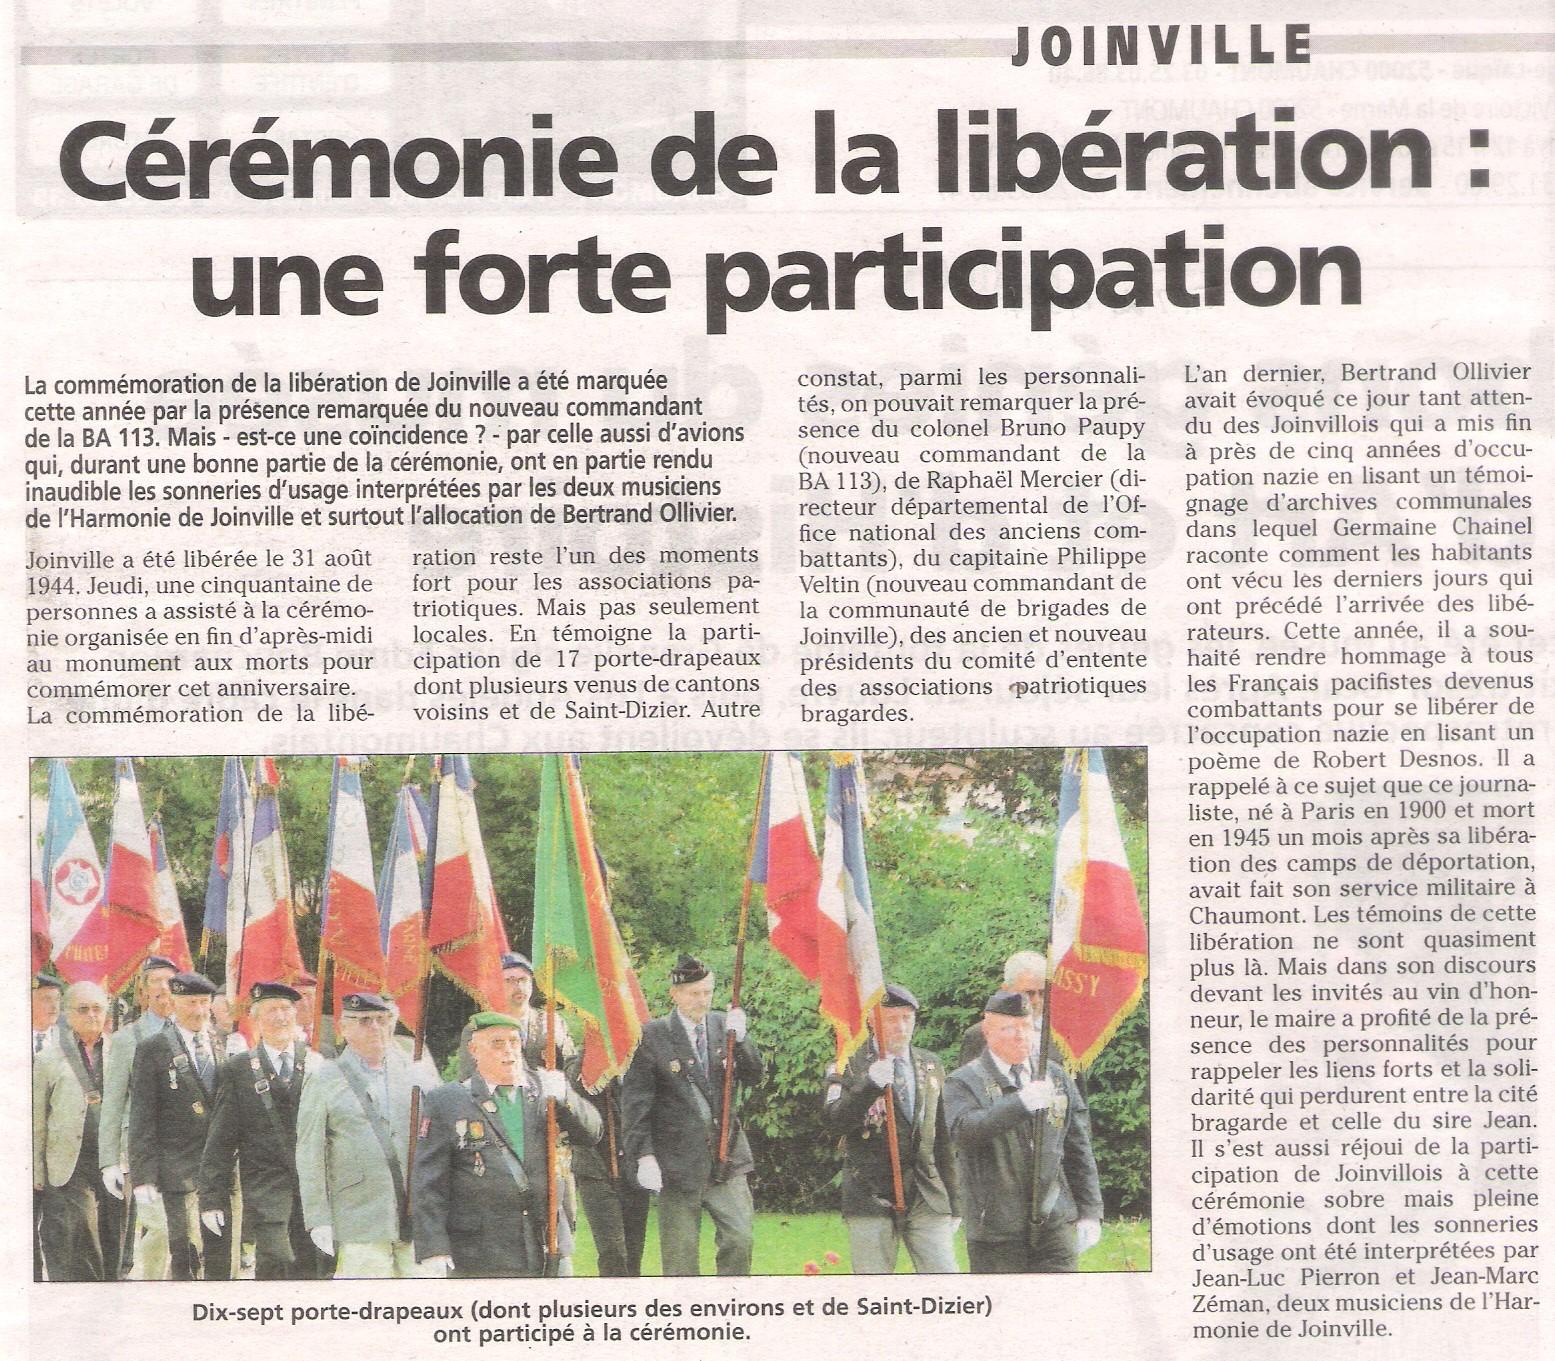 11 - 31 août 2017 - Libération de Joinville